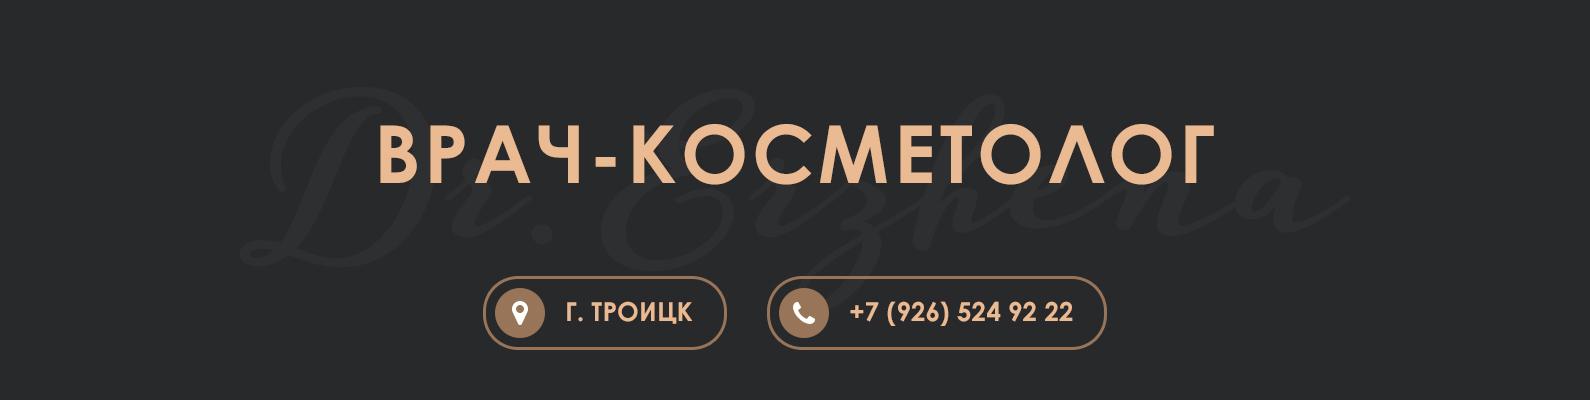 Обложка VK